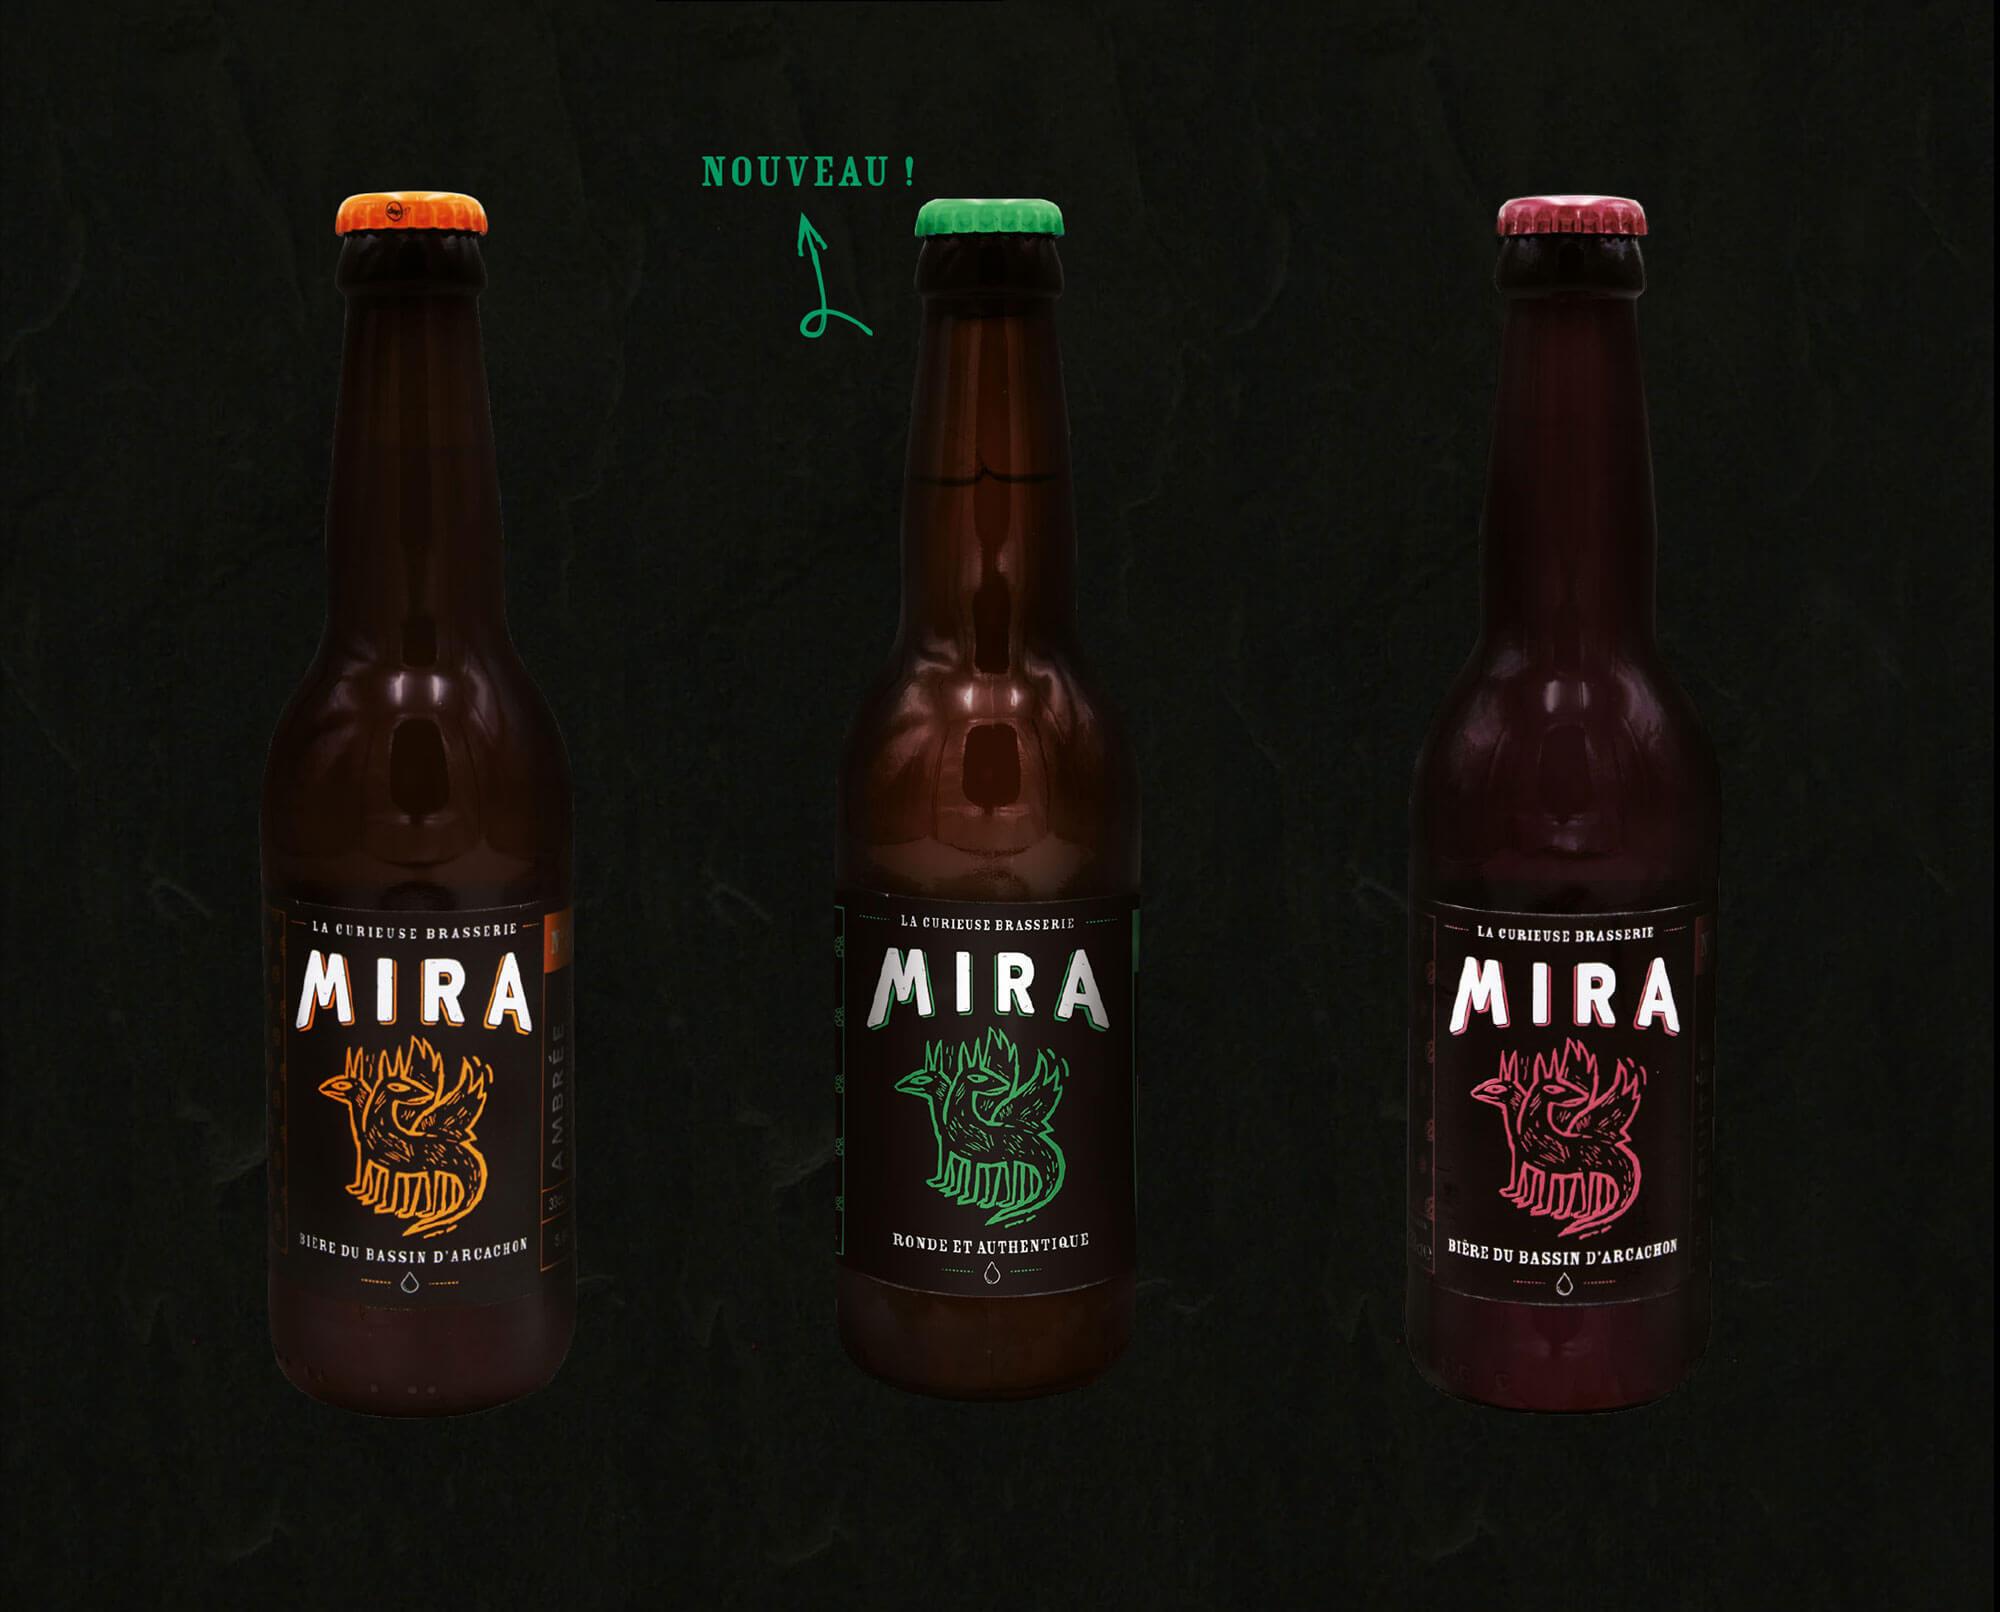 Les bières Mira Summer 2017